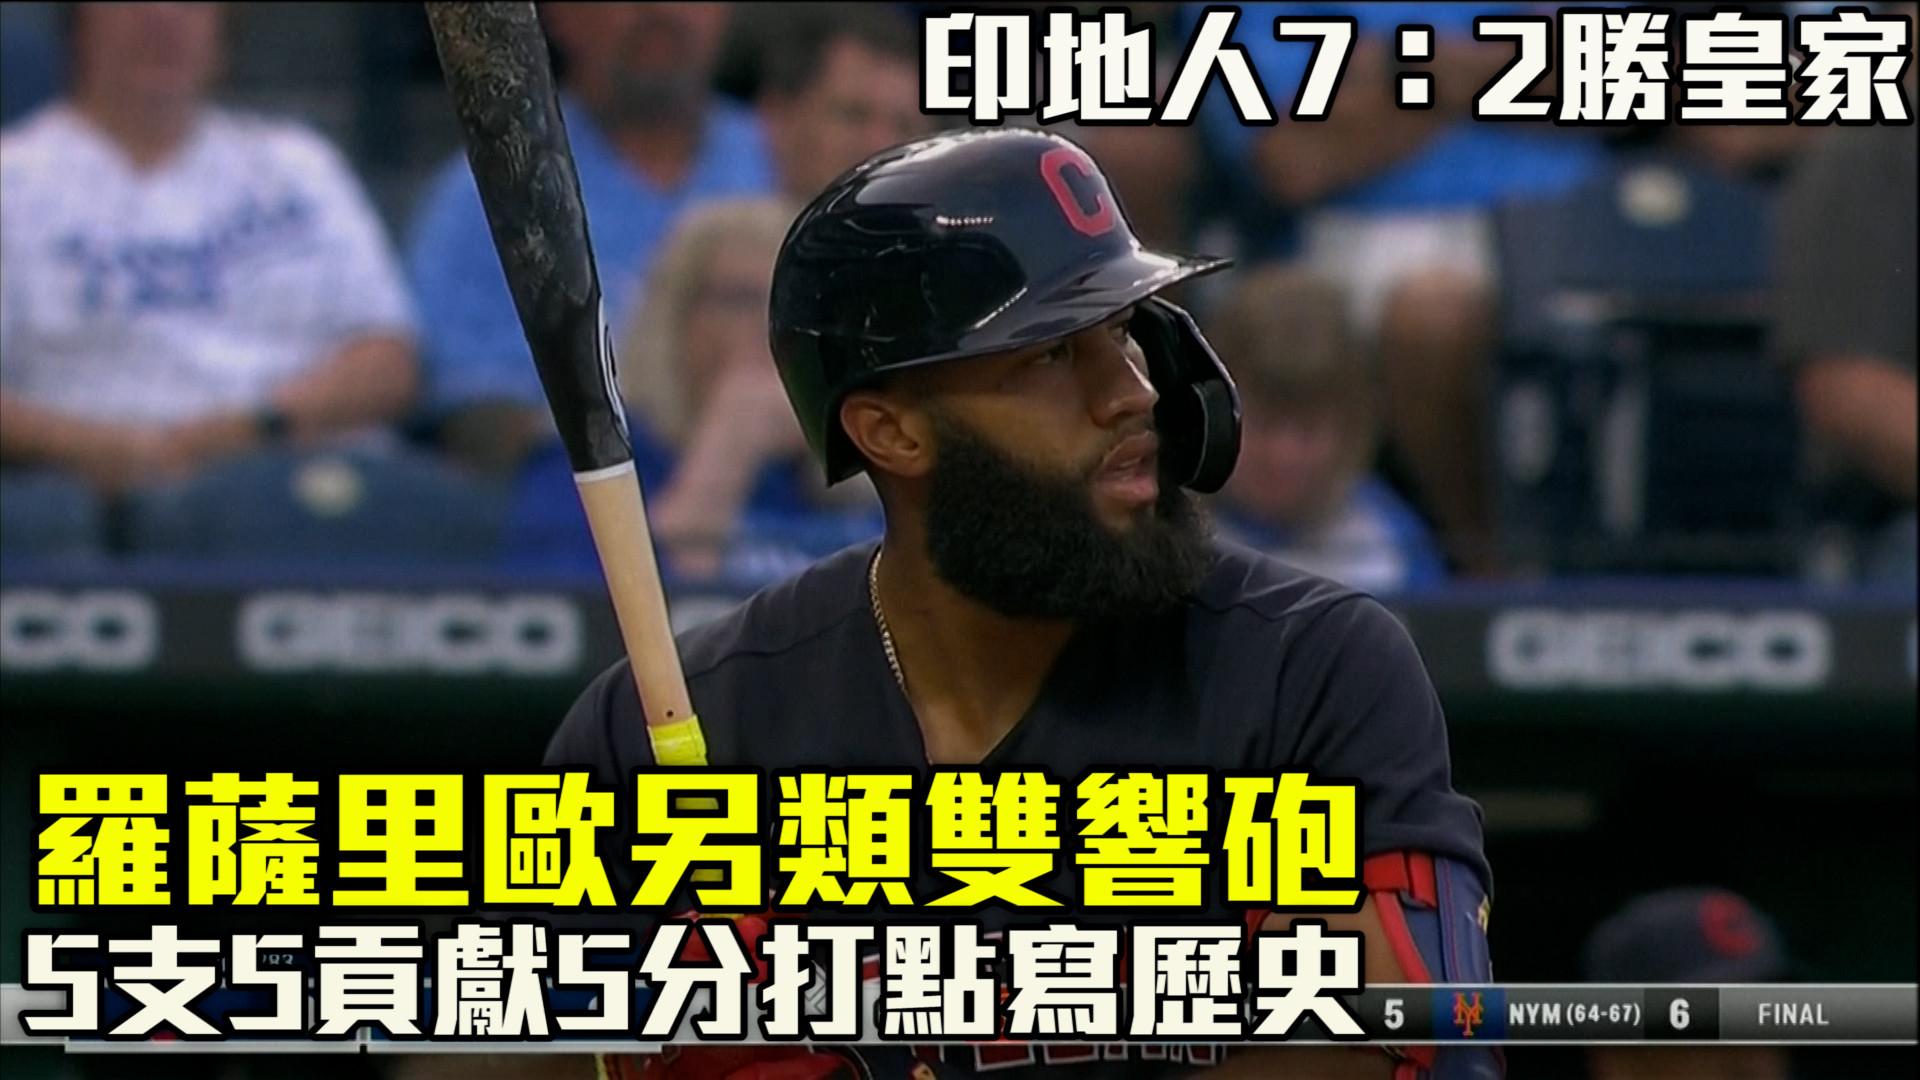 【MLB看愛爾達】羅薩里歐另類雙響砲 印人7:2勝皇家 09/01